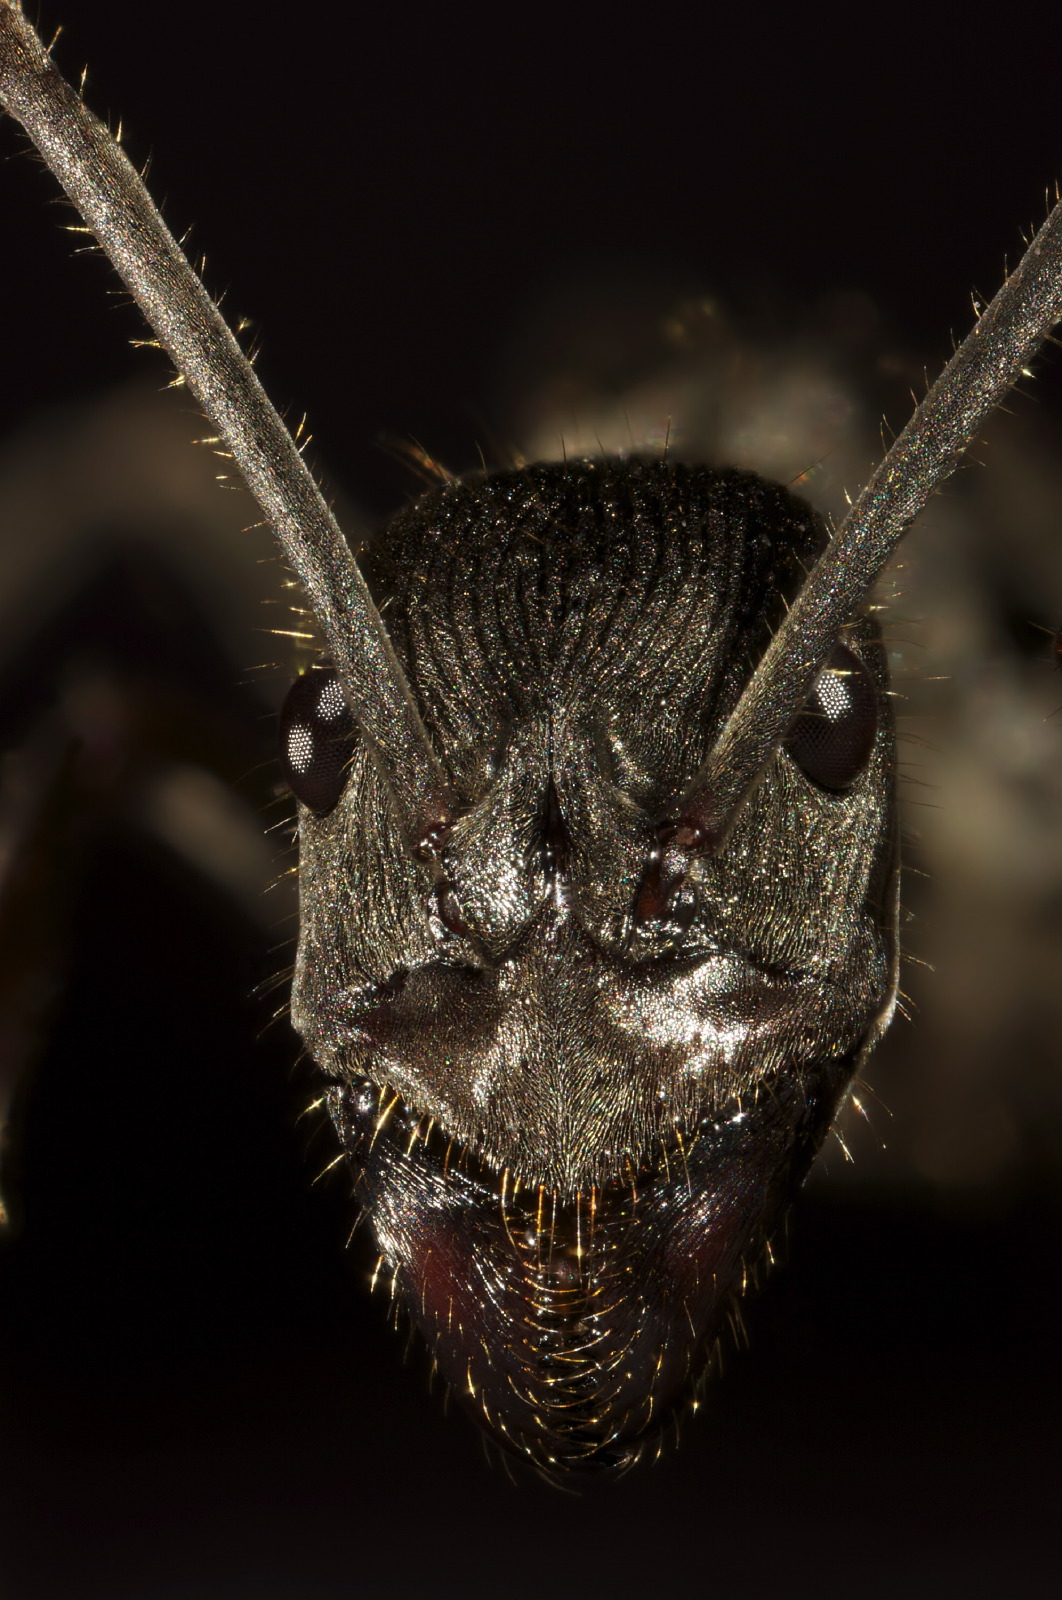 Diacamma ant portrait frontal